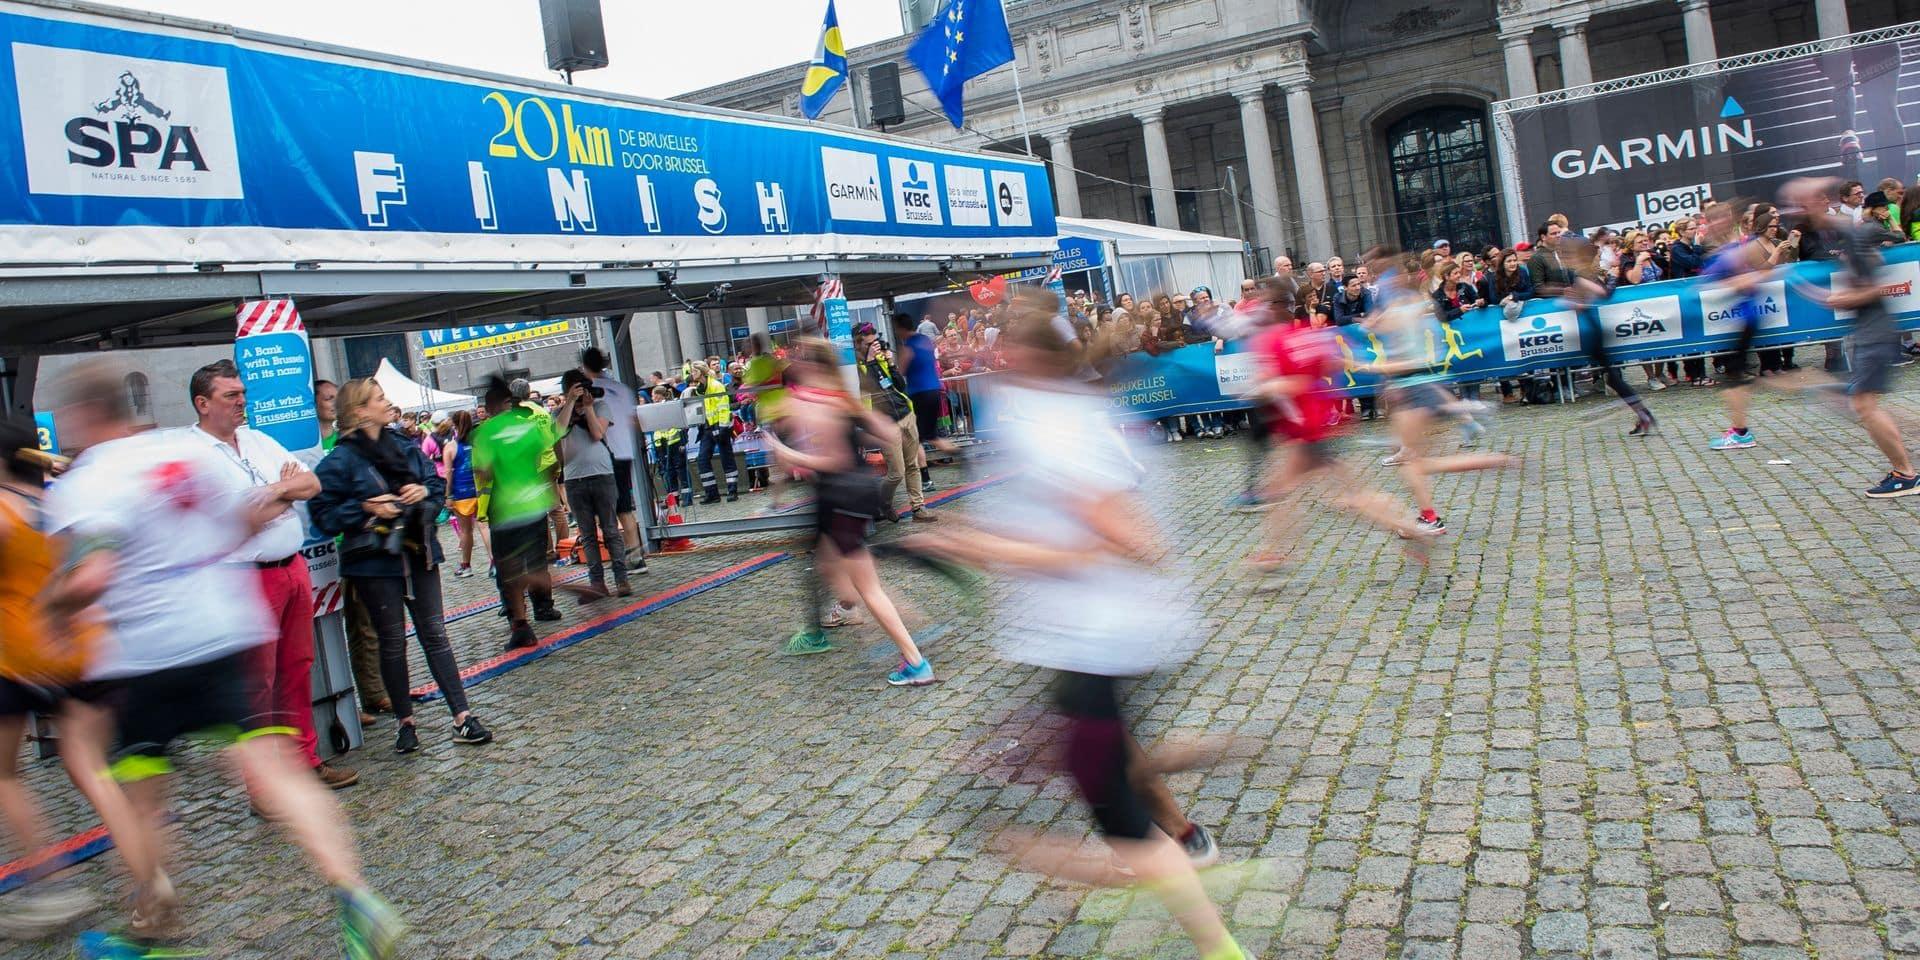 Pas de photo-finish pour les coureurs à pied mais une puce dans le dossard et un tapis: quels avantages et quels inconvénients?